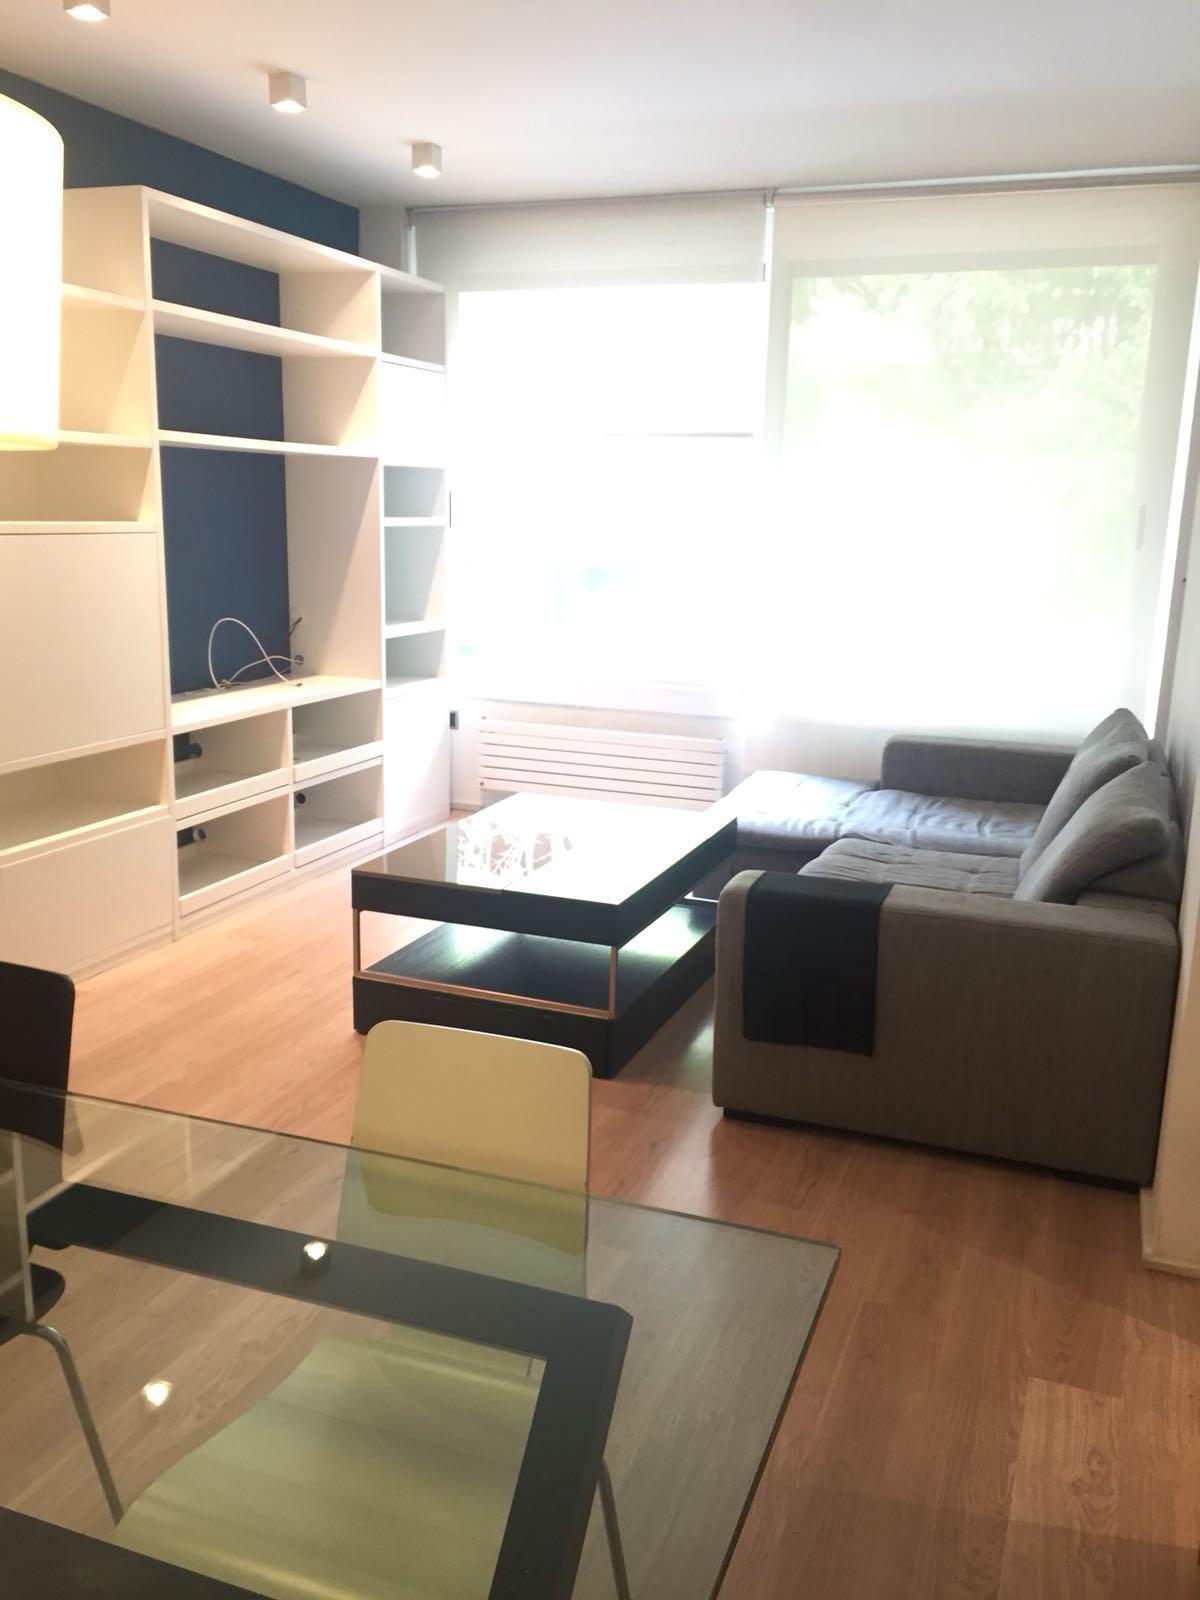 206249 Apartamento en venta en Eixample, Nova Esquerra Eixample 1